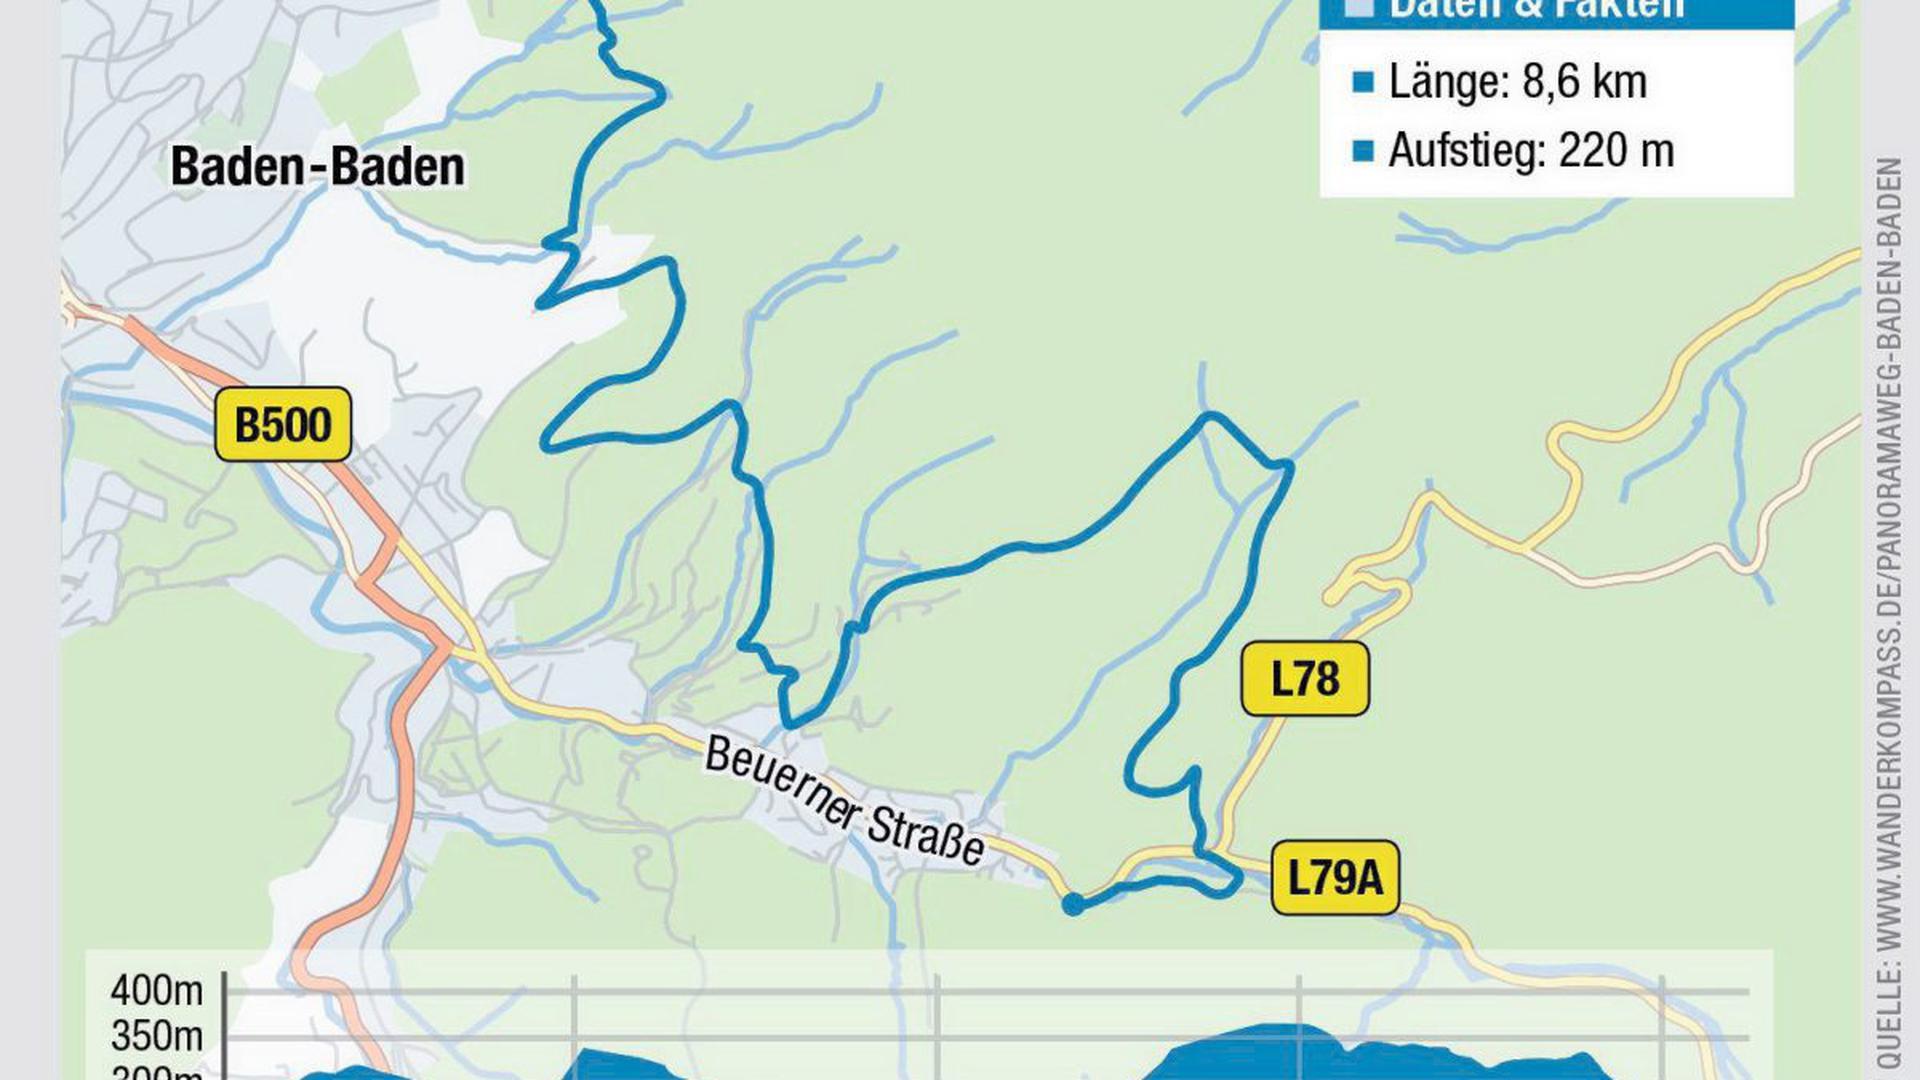 Auf der zweiten Etappe des Panoramawegs in Baden-Baden geht es von der Merkurbergbahn bis hin zum Forellenhof.